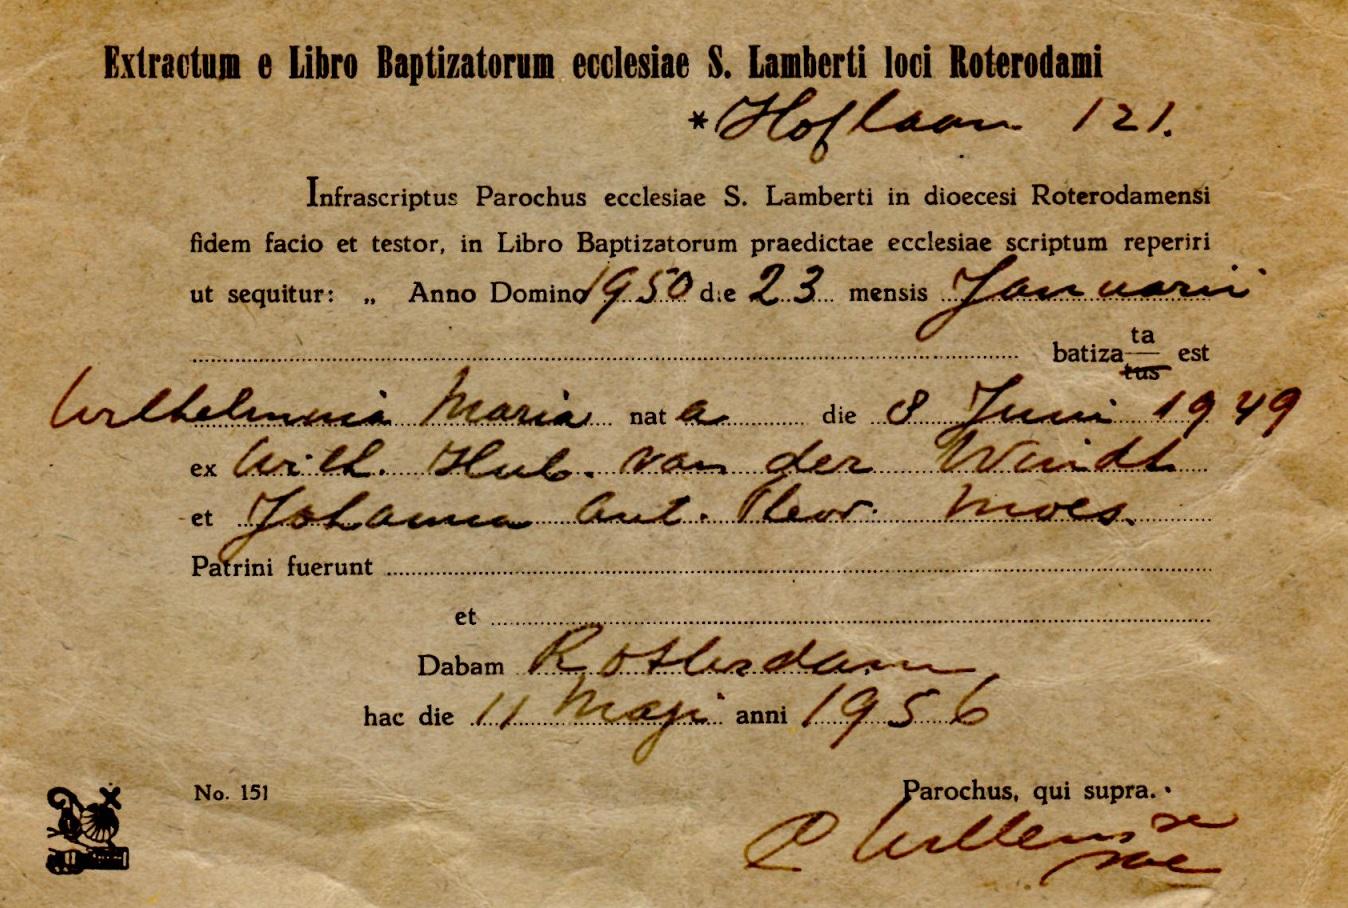 1956-05-11 Extract van de inschrijving in het register van Rotterdam